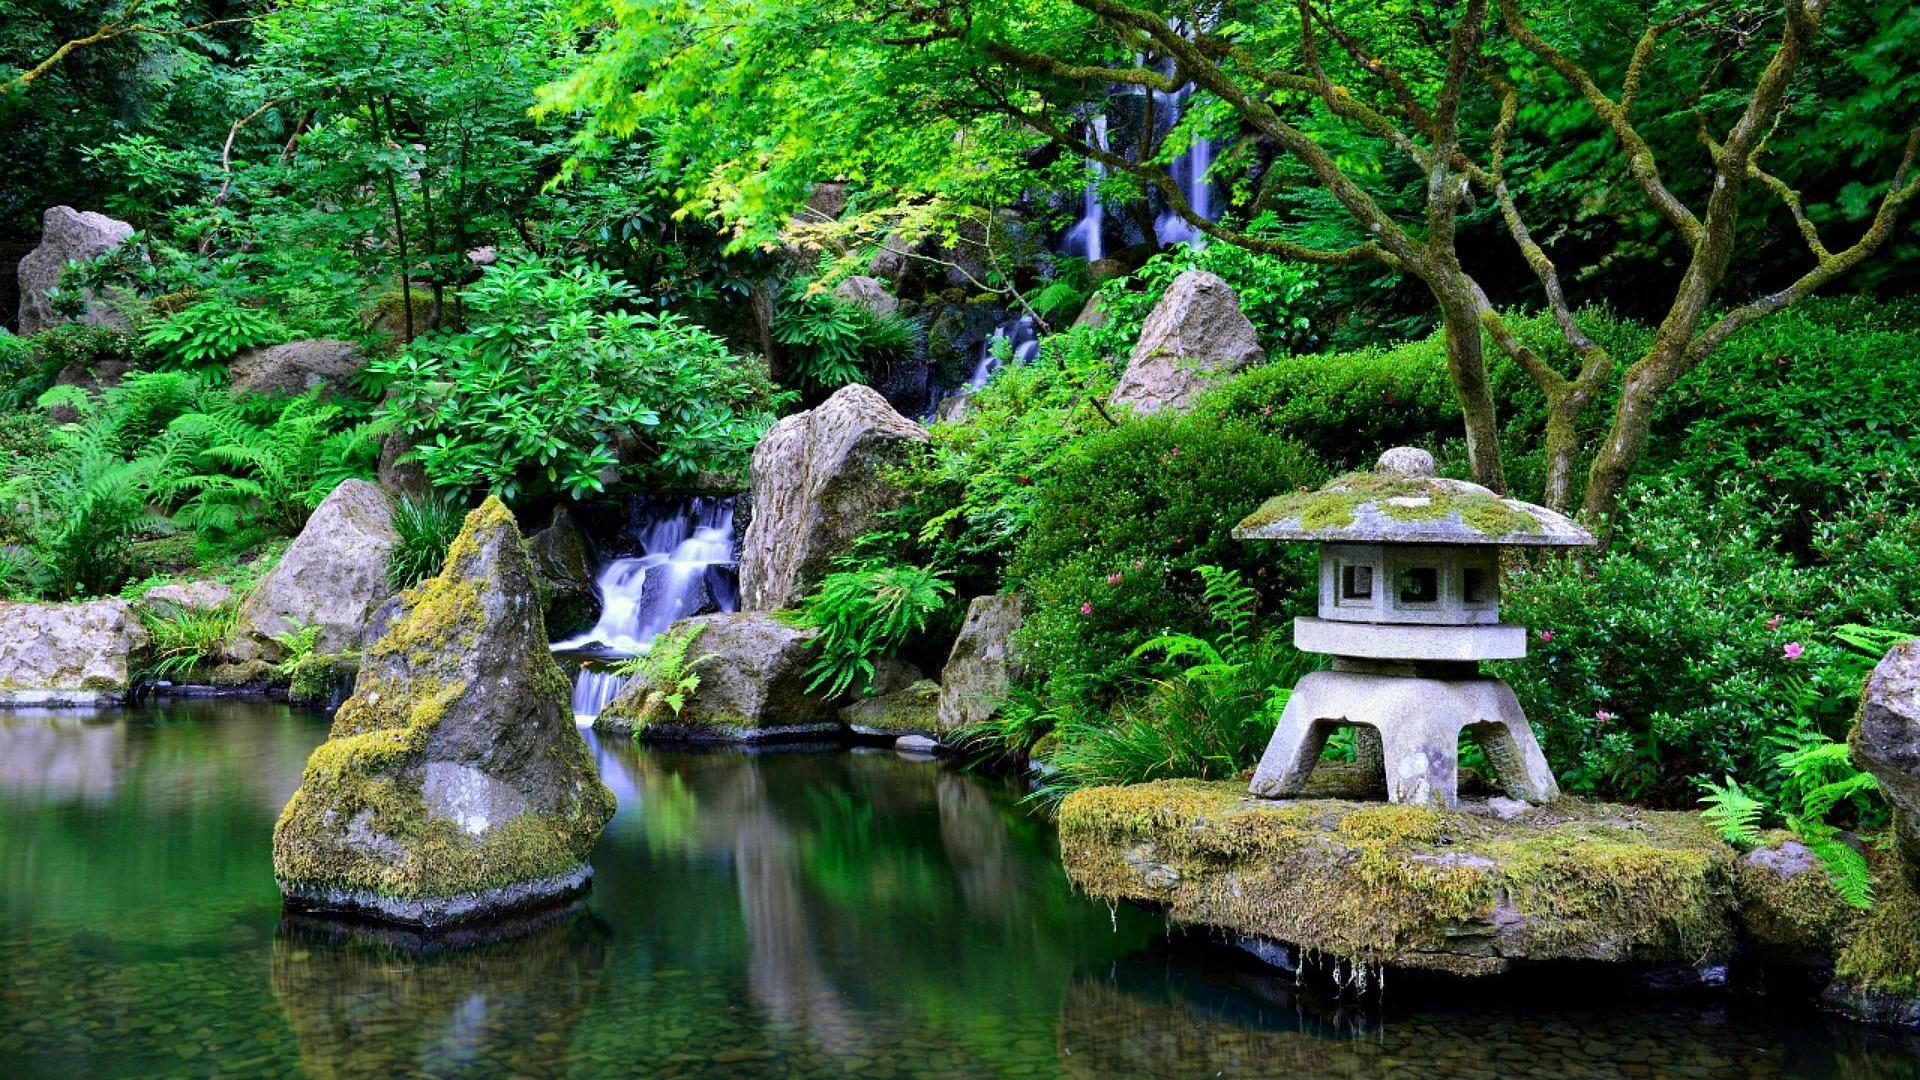 Japanese Garden Wallpaper Images On Wallpaper 1080p Hd Japanese Garden Garden Images Japanese Nature